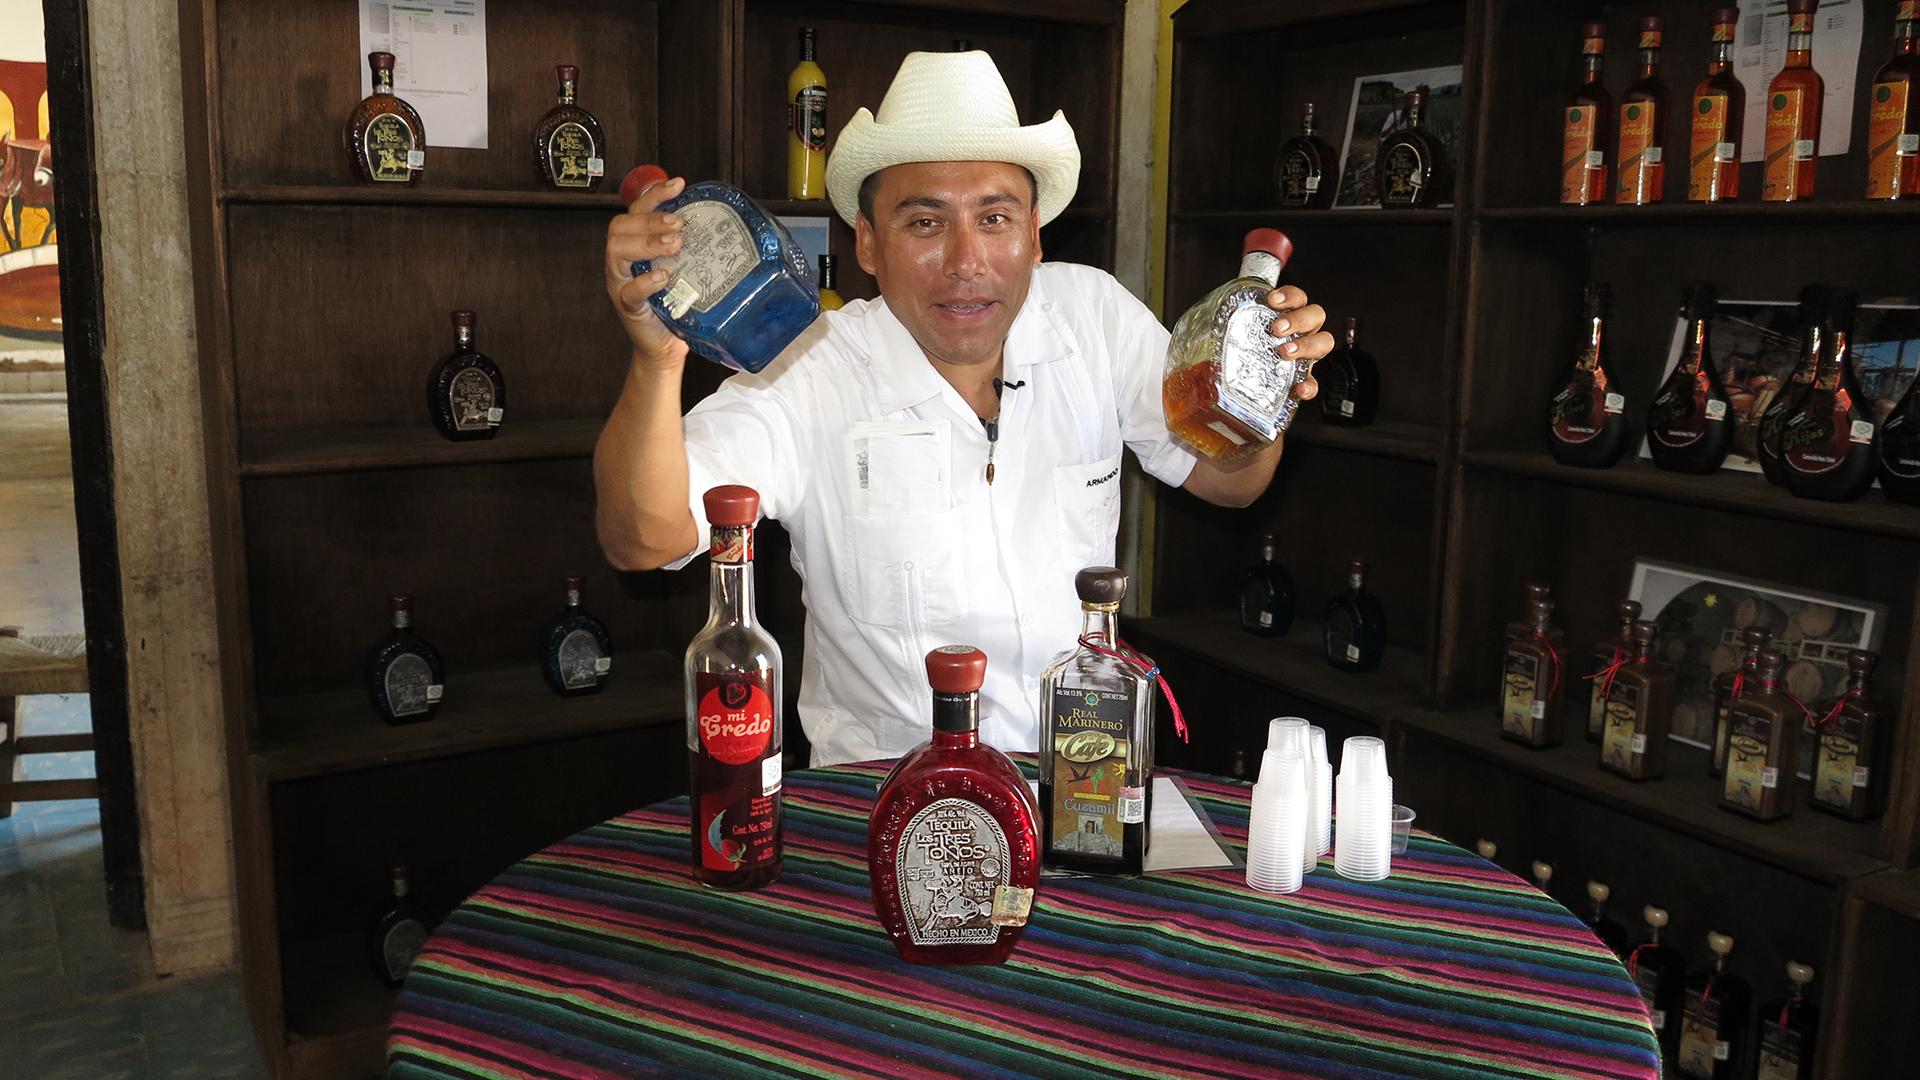 Mexiko: Gratis-Tequila & Baden beim Tempel